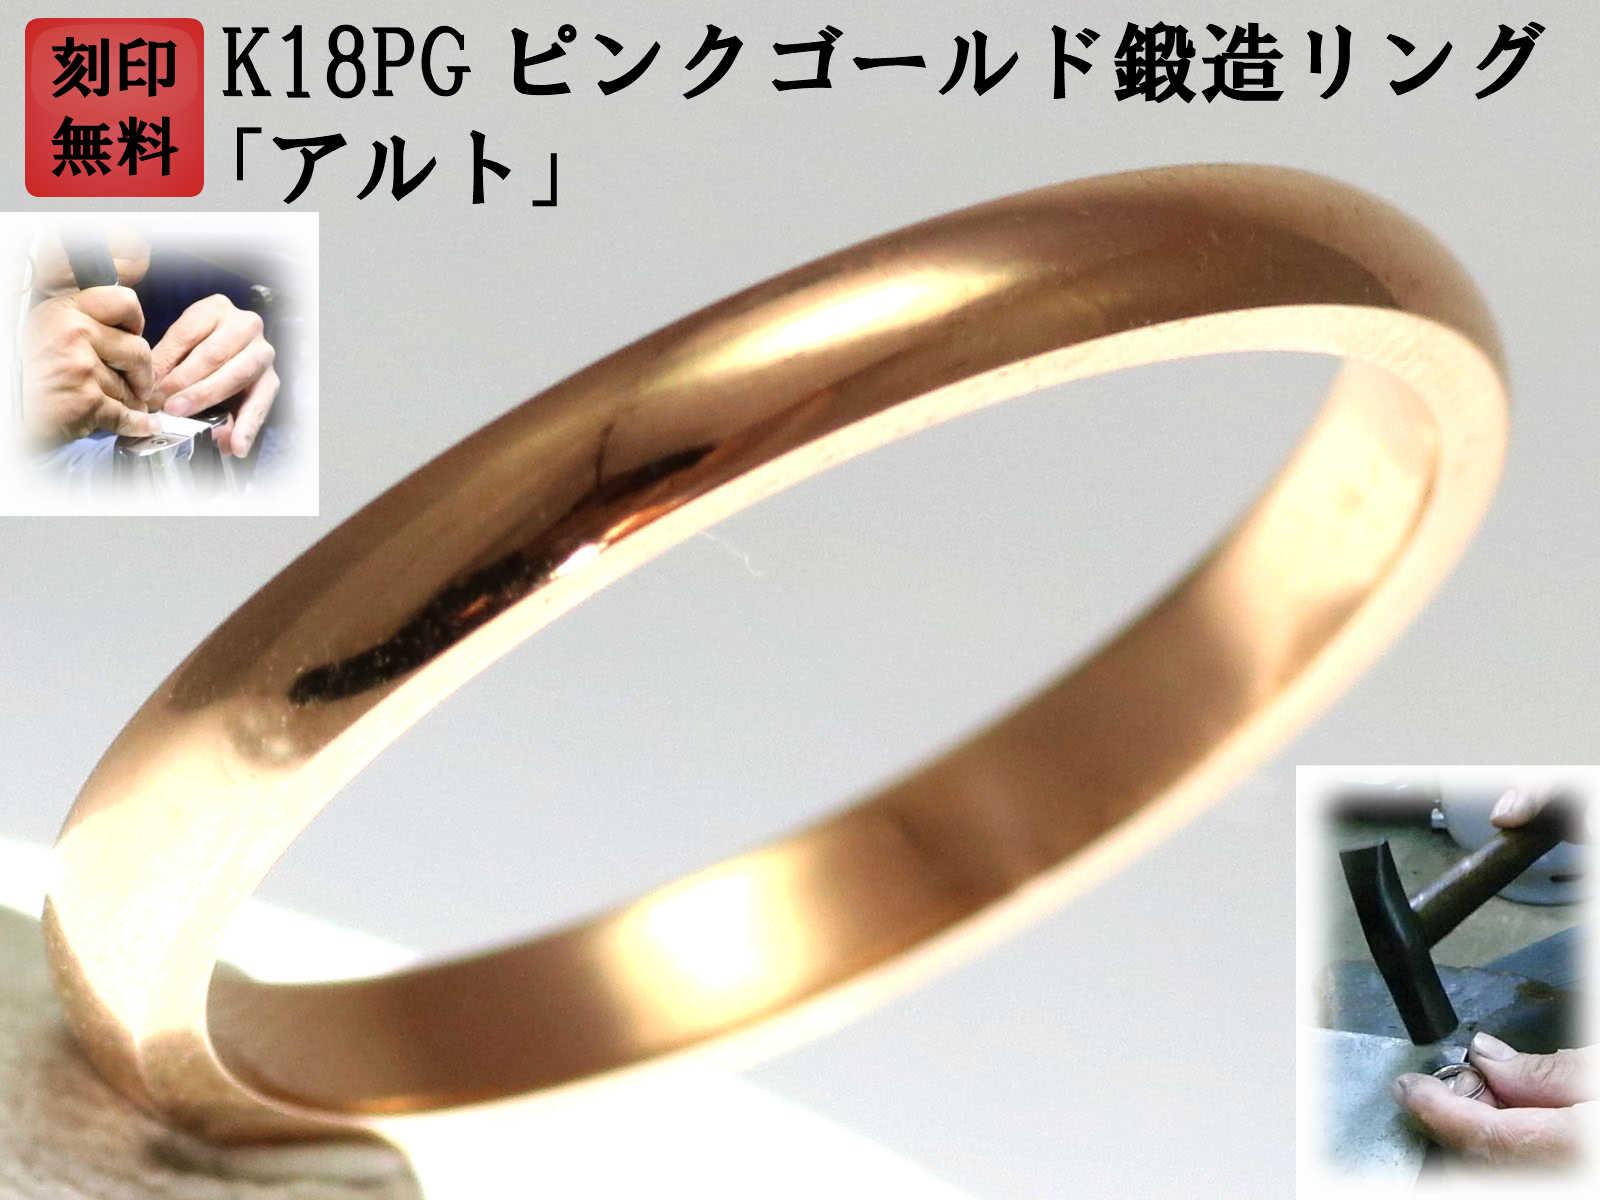 結婚指輪 マリッジリング ピンクゴールド K18 18金 ゴールド ペアリング 用 18k PG 鍛造 甲丸 結婚 指輪 ブライダルリング 刻印無料 リング レディース メンズ 両用【母の日 プレゼント】「アルト」